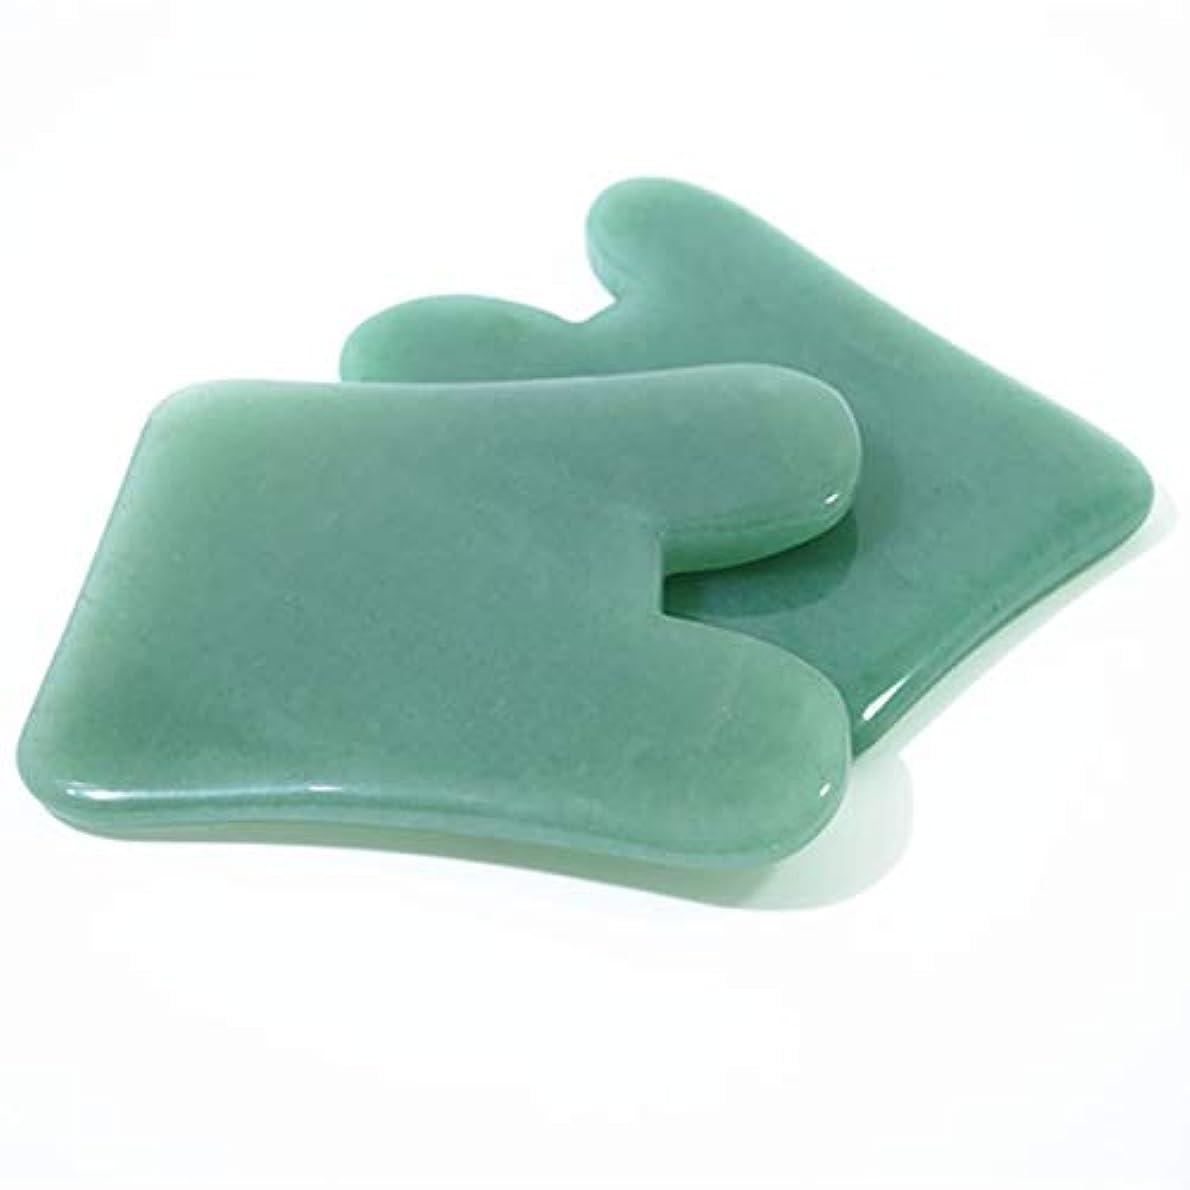 マナーで縞模様のNatural Portable Size Gua Sha Facial Treatment Massage Tool Chinese Natural Jade Scraping Tools Massage Healing...